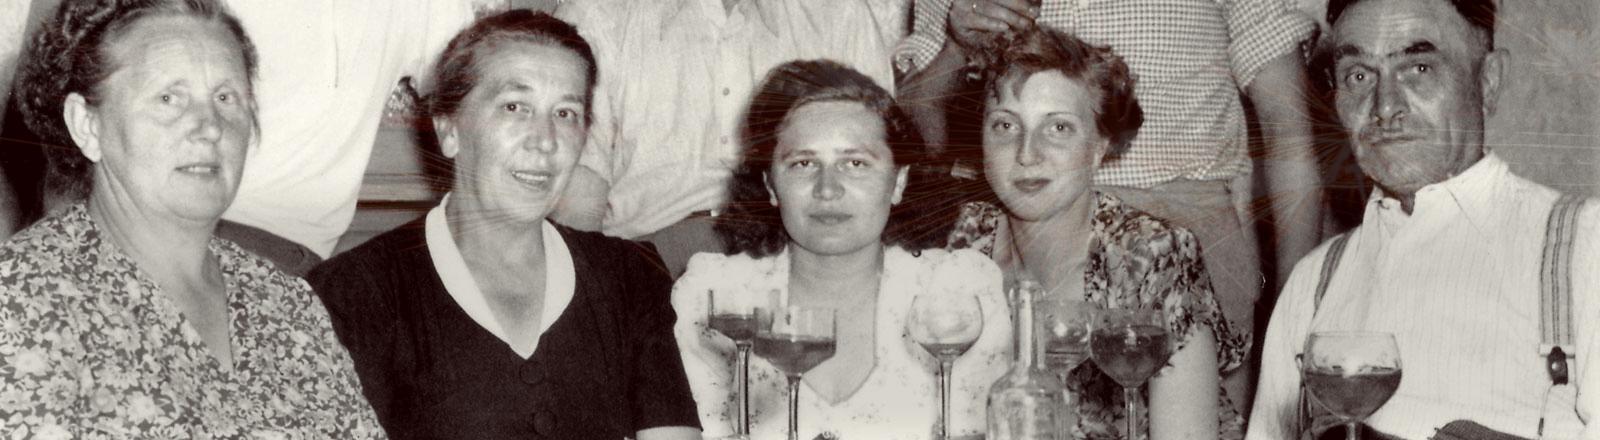 Ein altes Schwarz-Weiß-Bild einer Familie, die an einem Tisch sitzt.